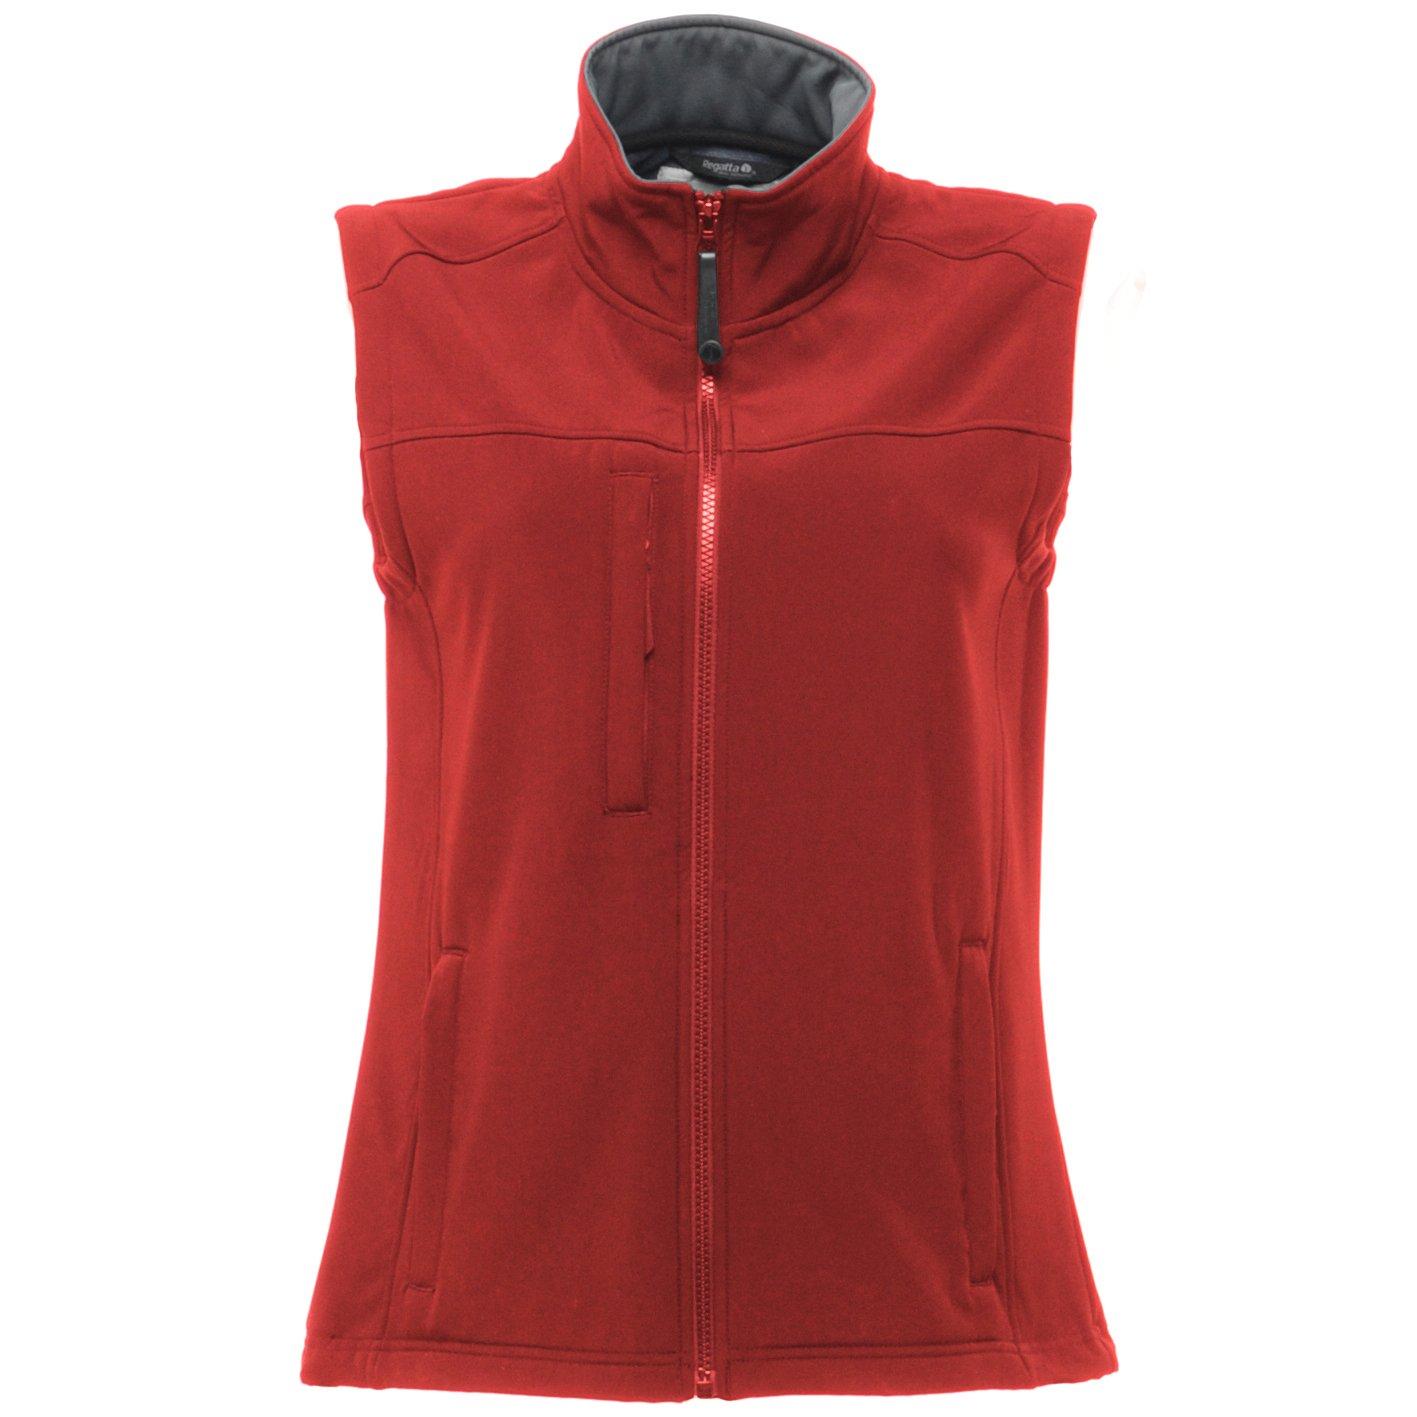 Regatta Womens//Ladies Flux Workwear Stretch Softshell Gilet Bodywarmer